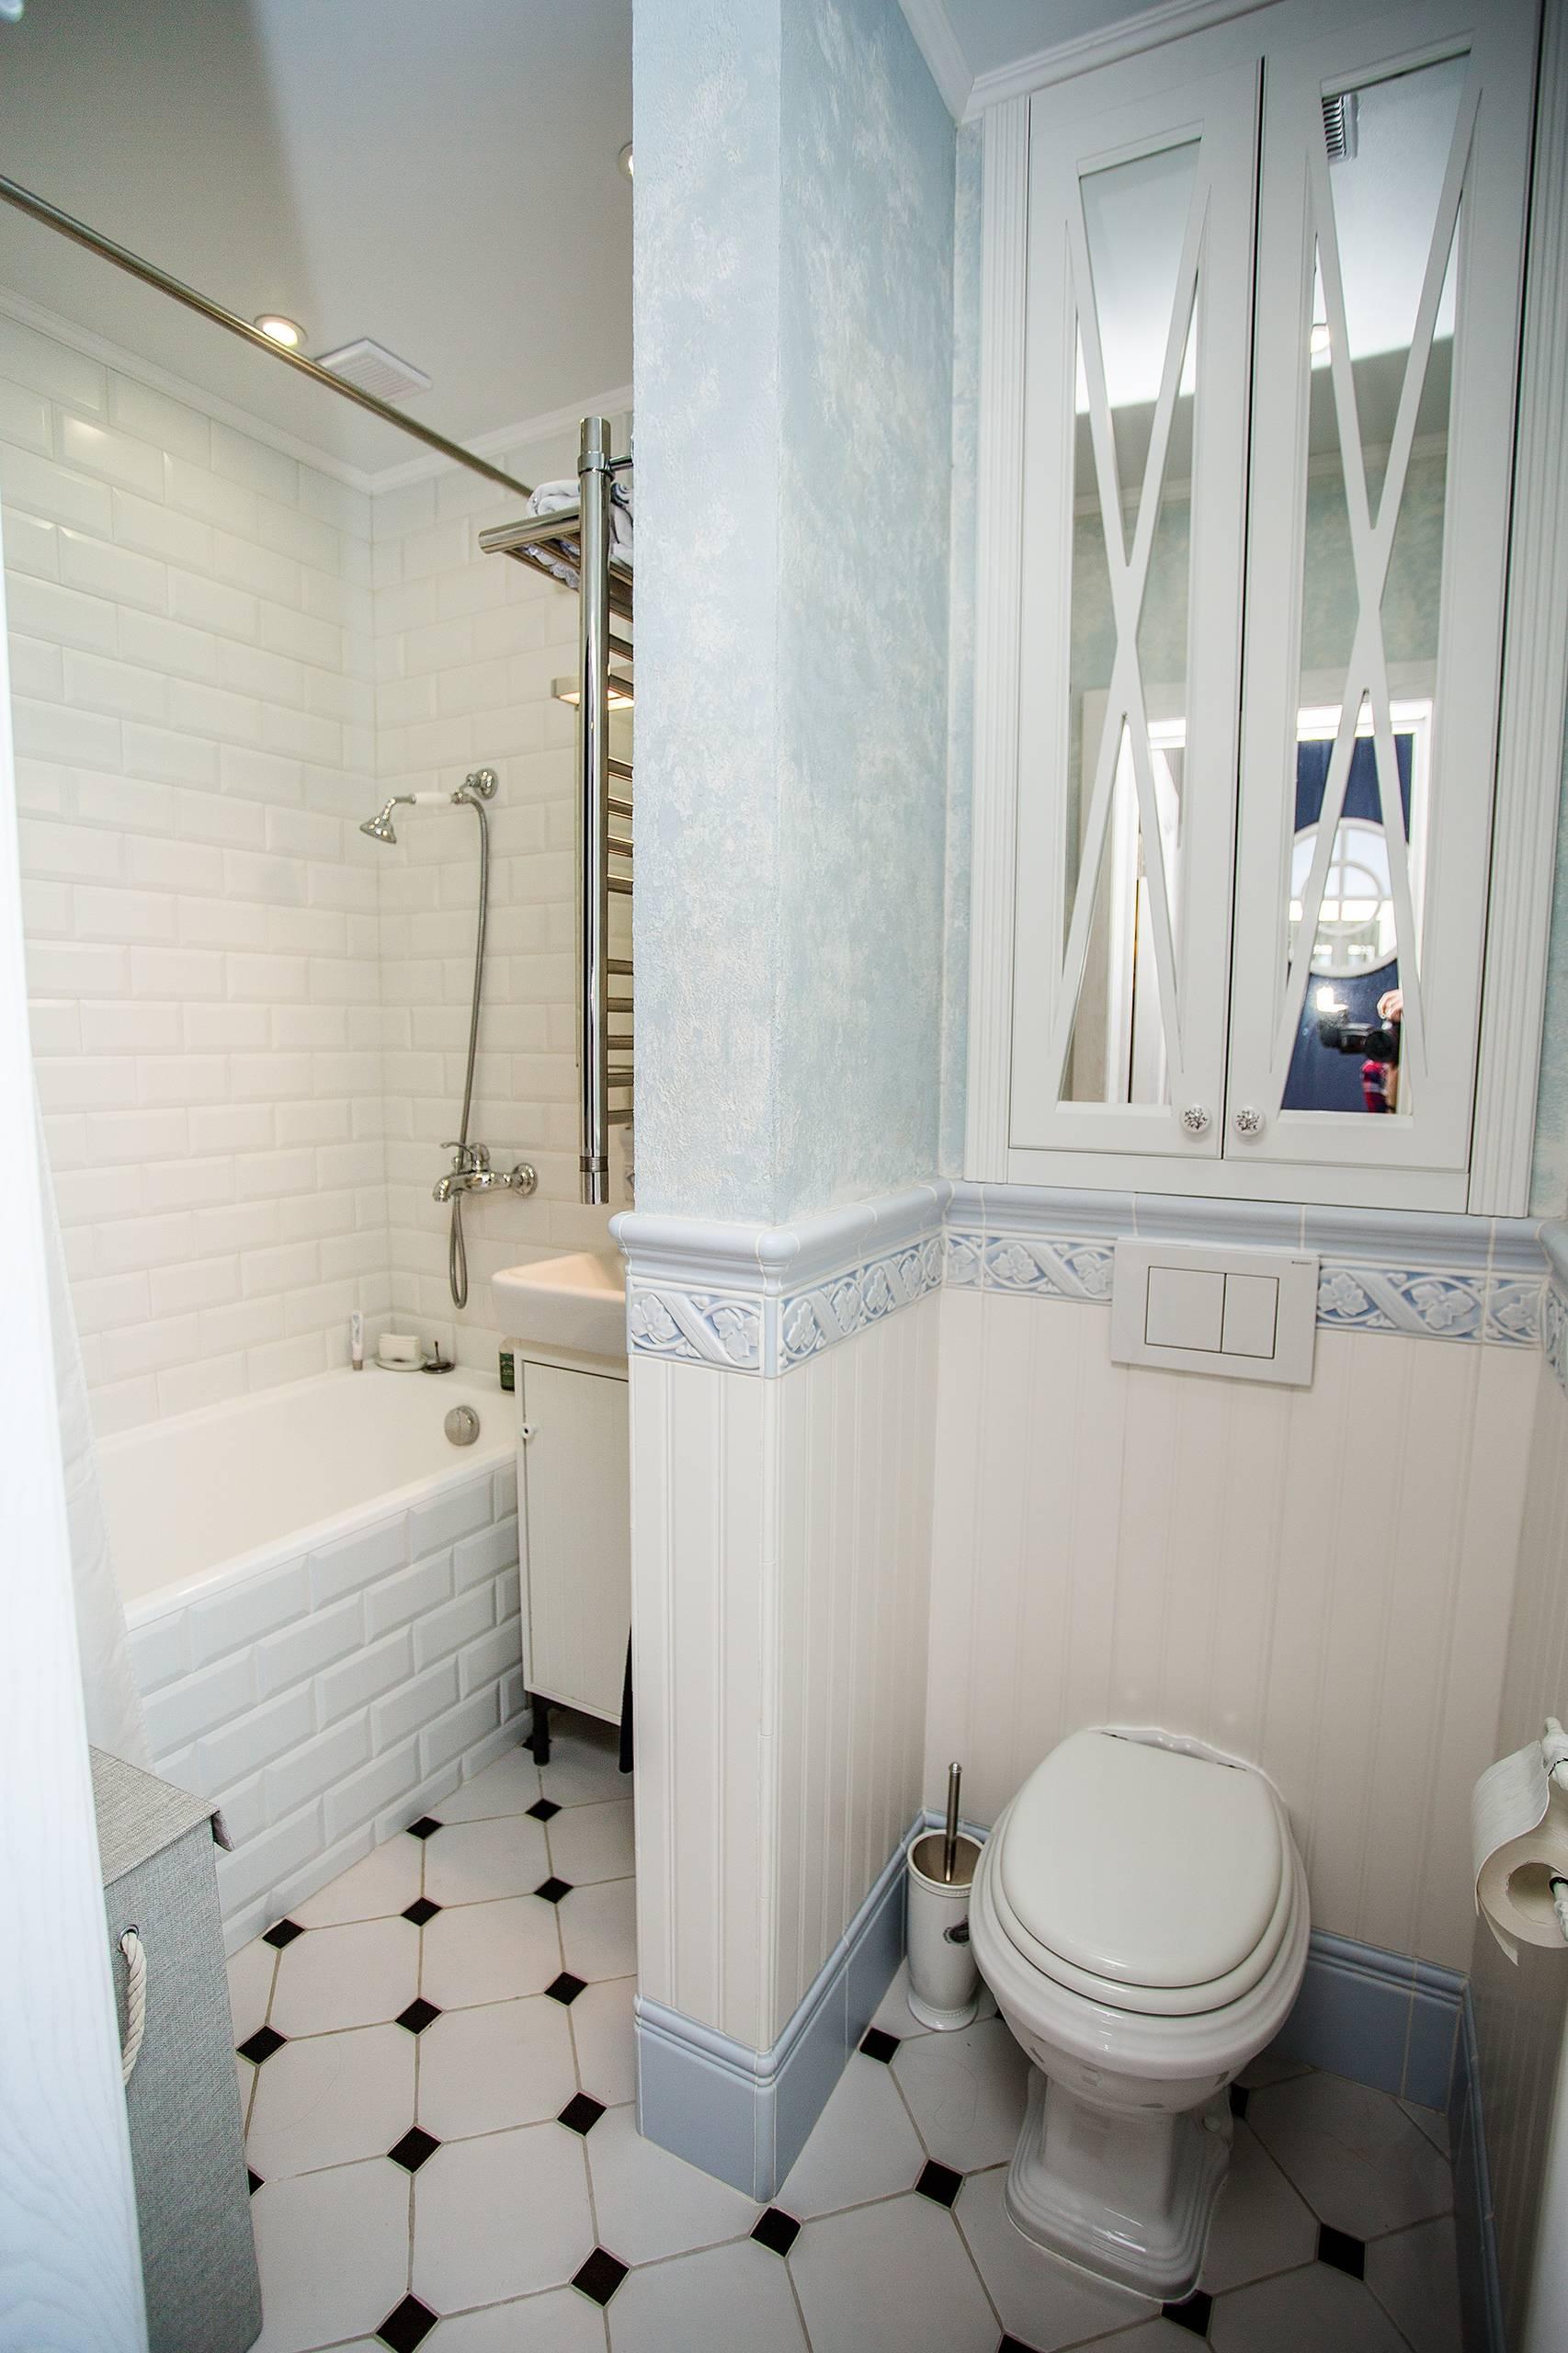 Ванная в стиле прованс с белой настенной плиткой и напольной плиткой с черными вставками